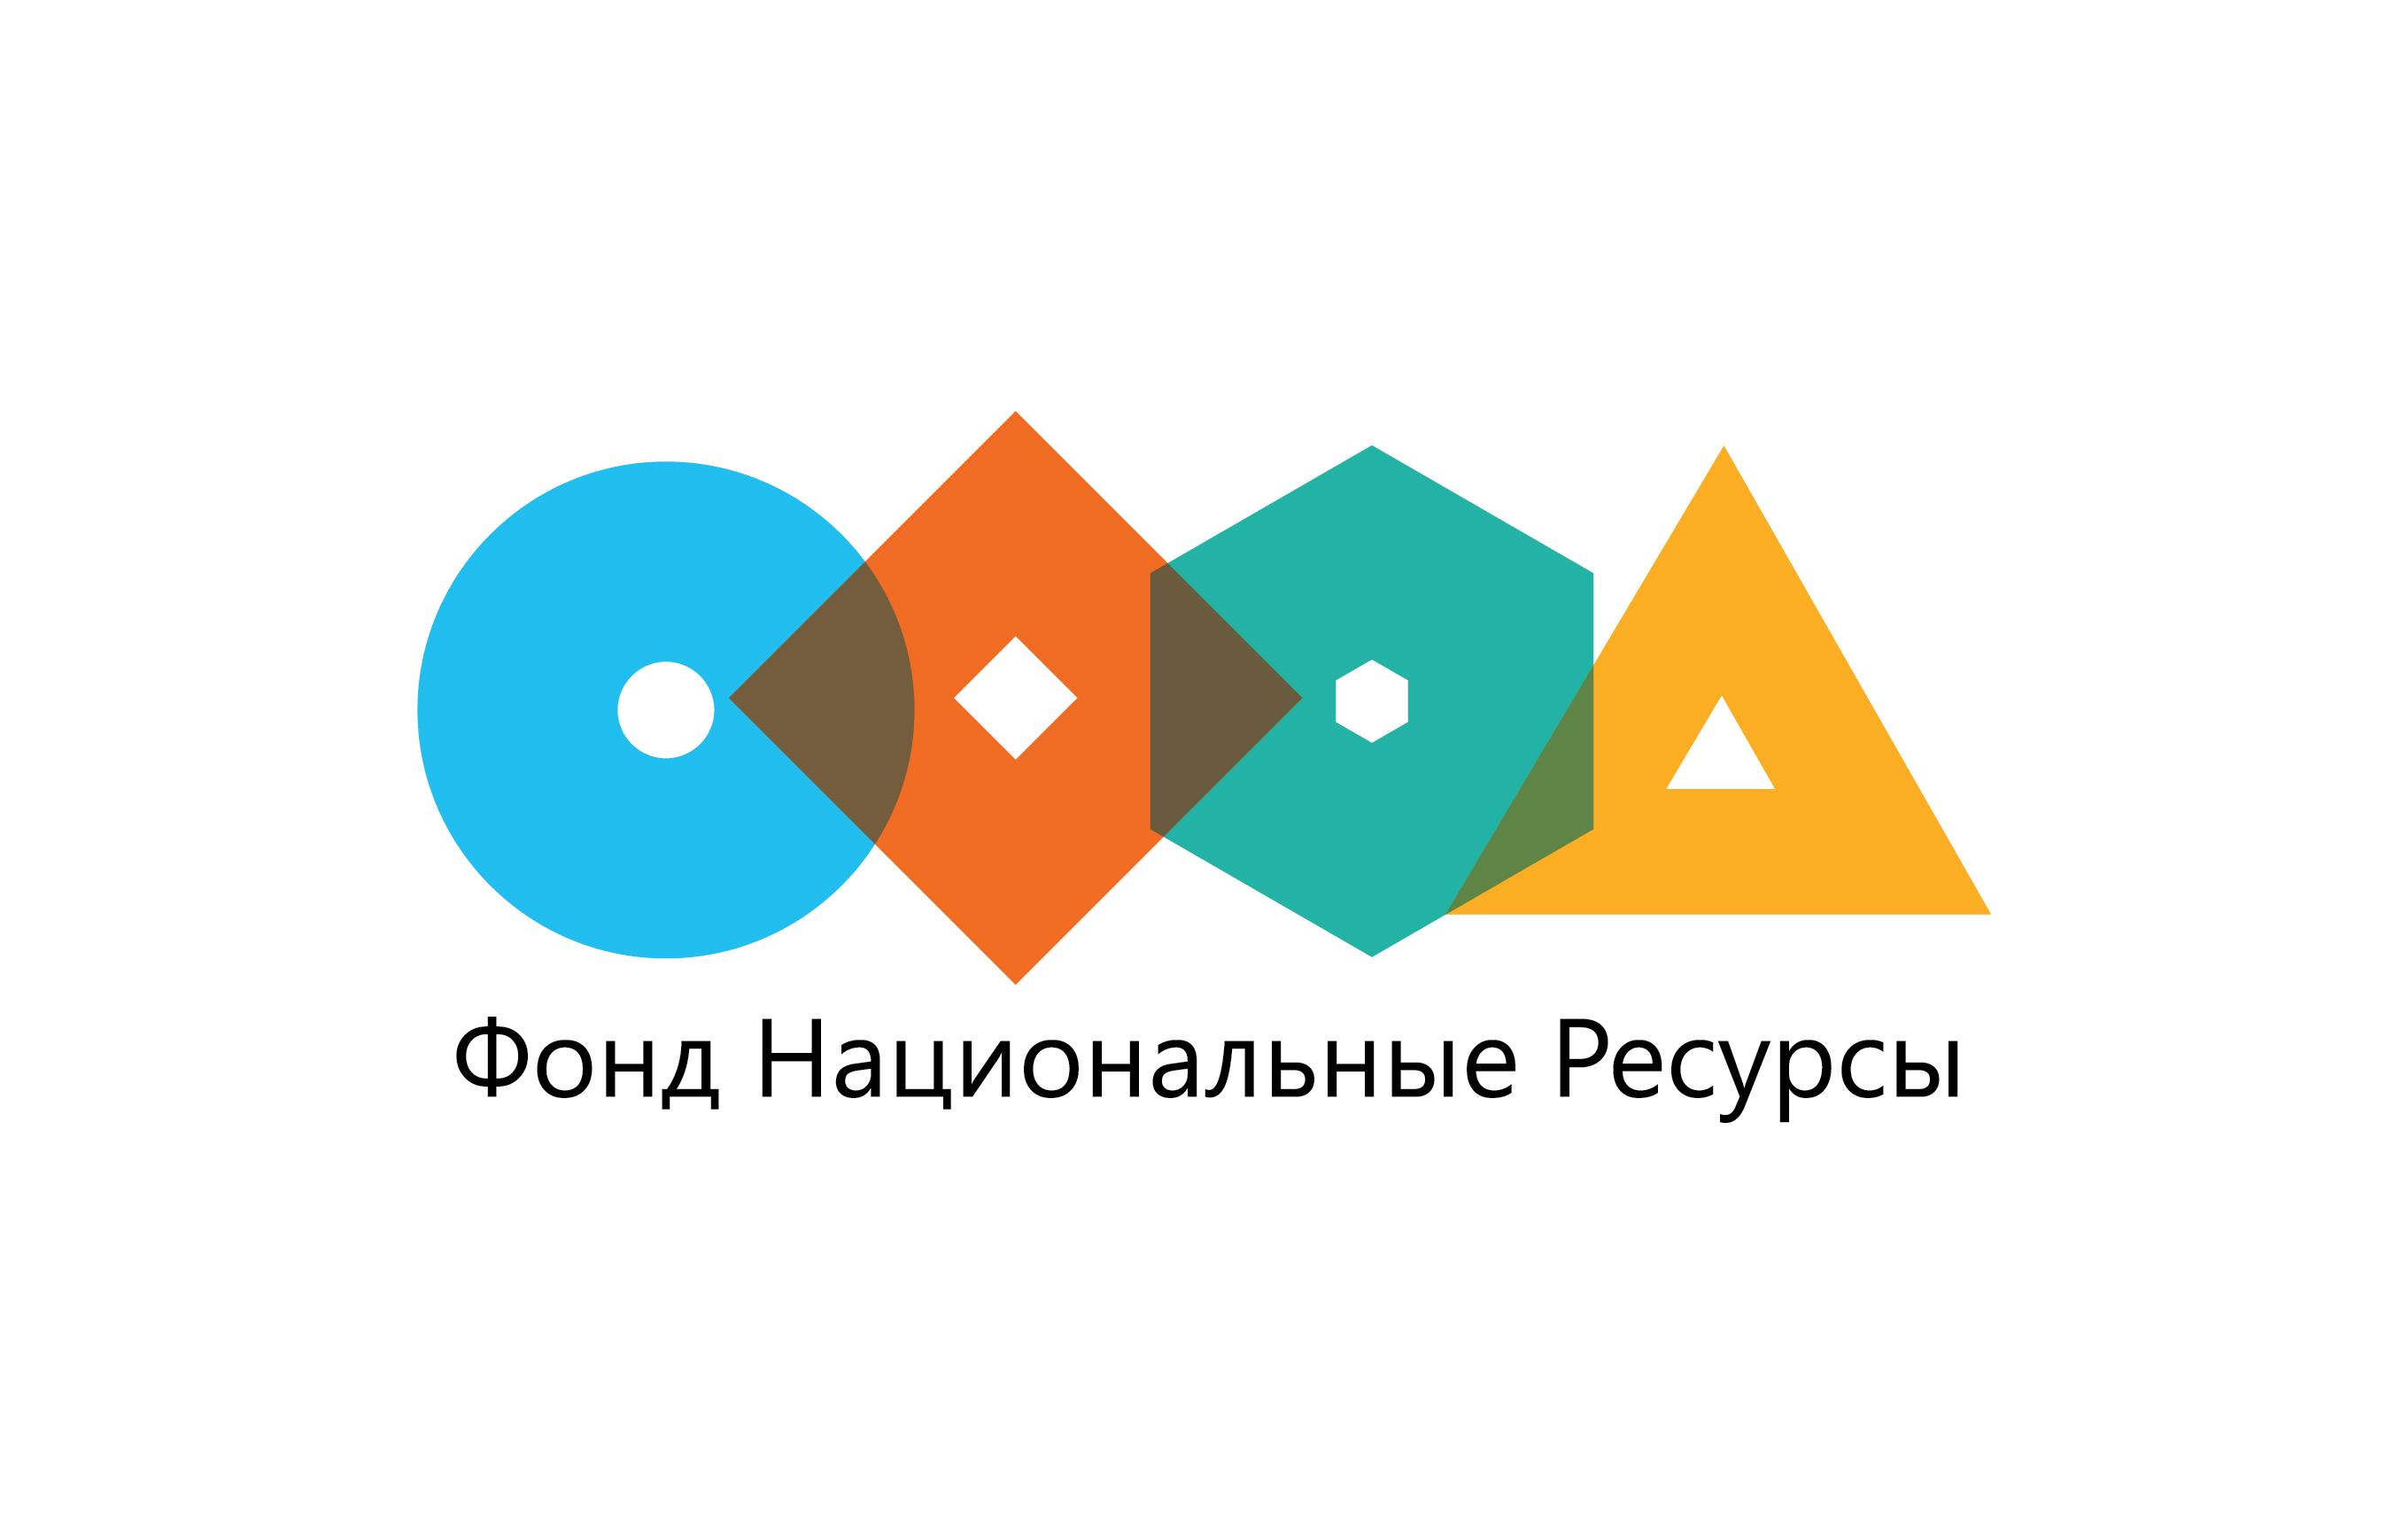 """РОФП """"Национальные Ресурсы"""""""